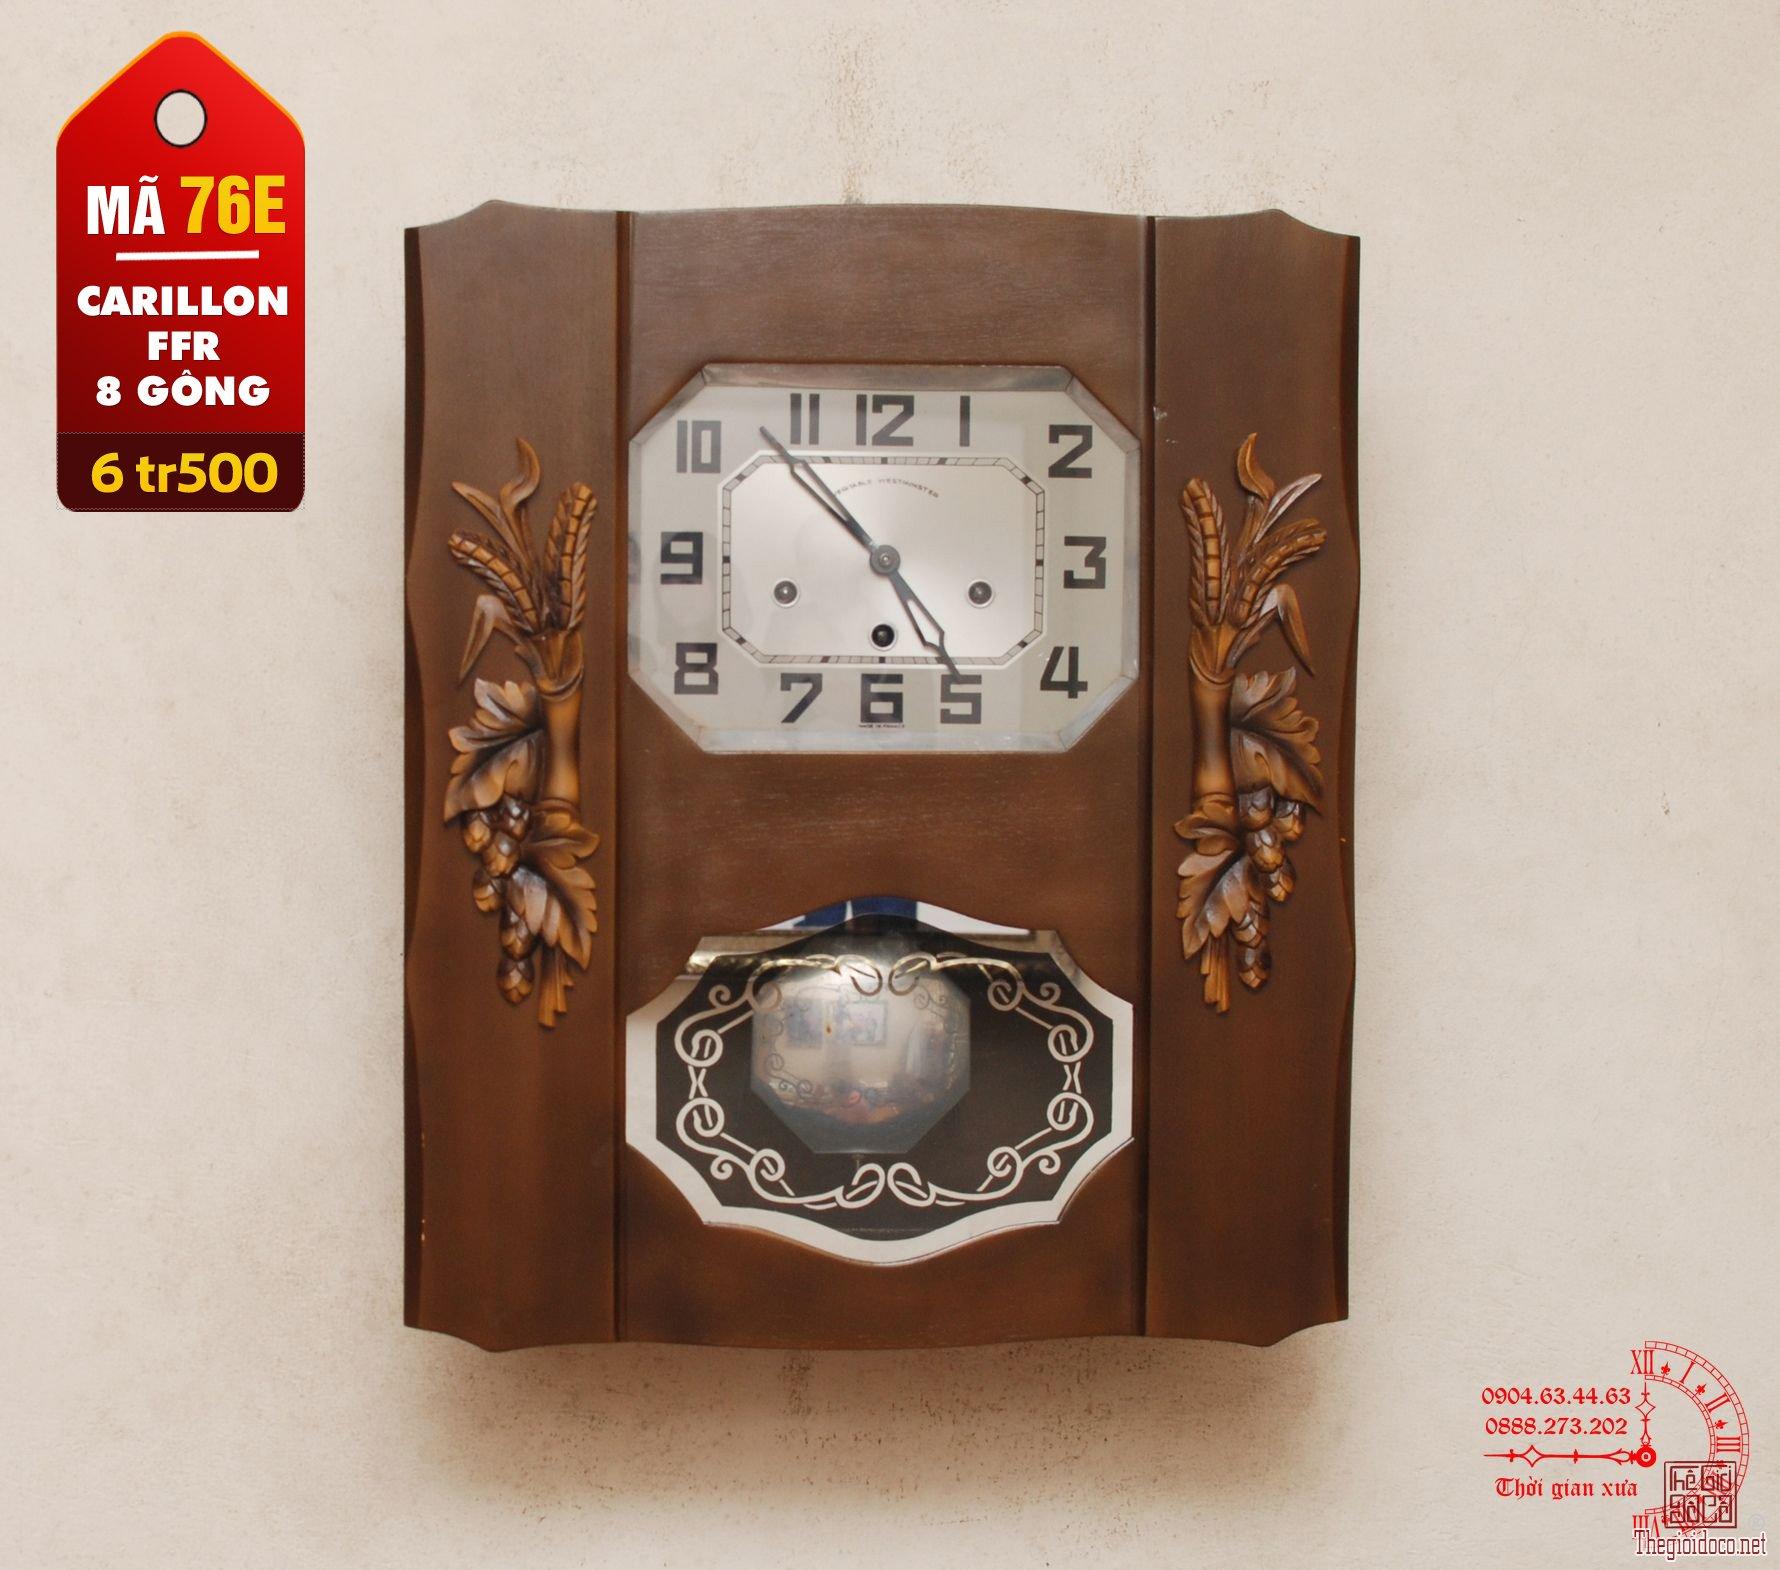 Đồng hồ Pháp hiệu Carilon FFR, 8 gông (mã 76E)